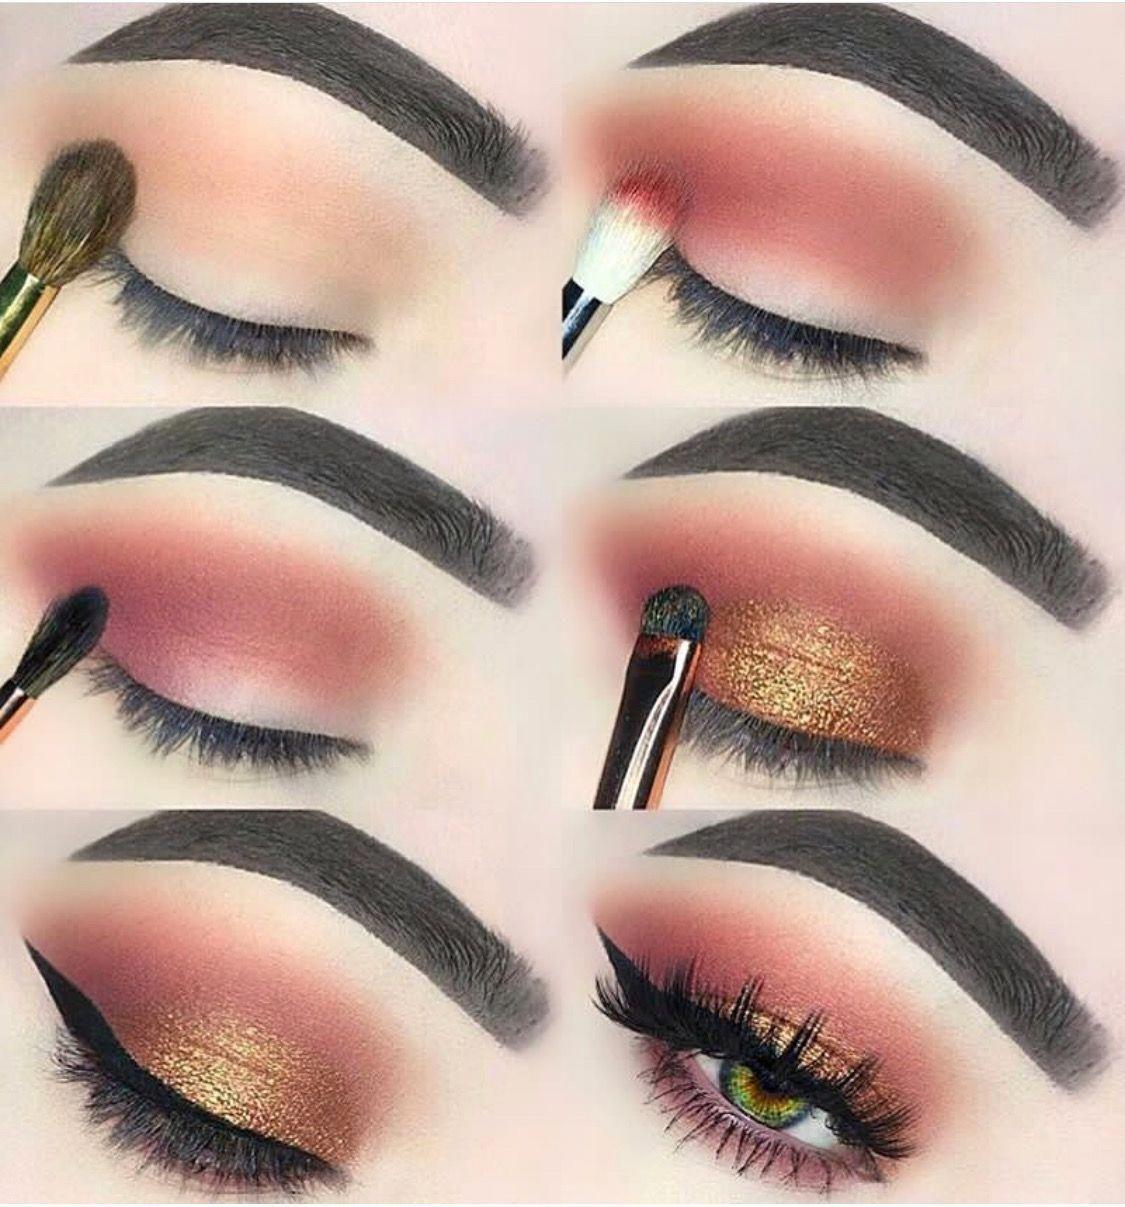 огорожен картинки макияж глаз простые этом видео покажу